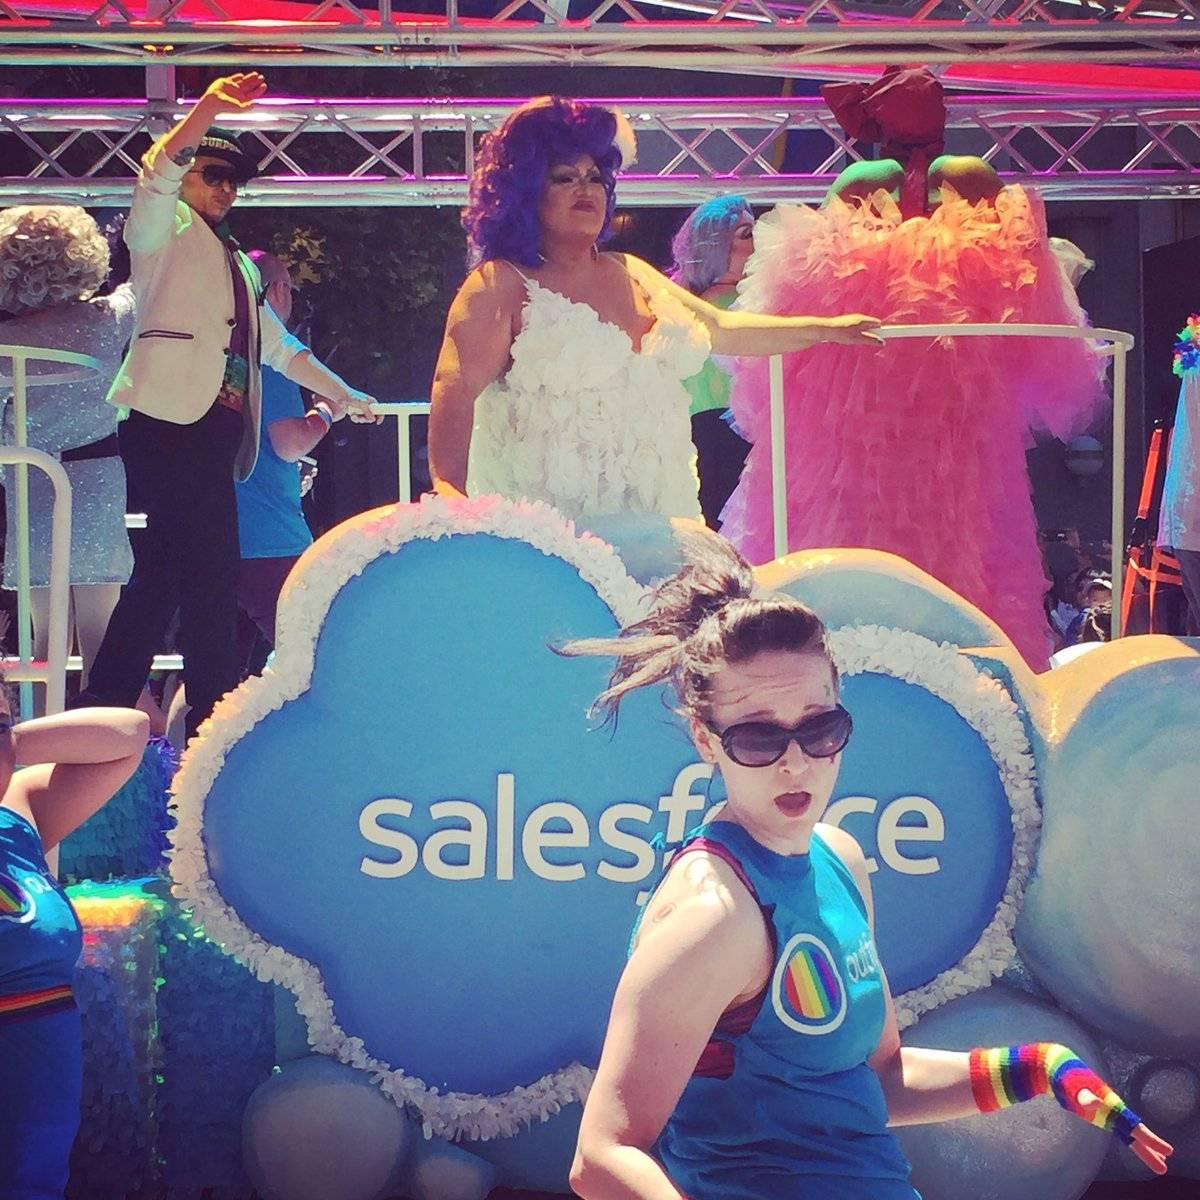 老牌销售软件公司 Salesforce,游行的队伍名称叫做 Outforce(出柜力量)